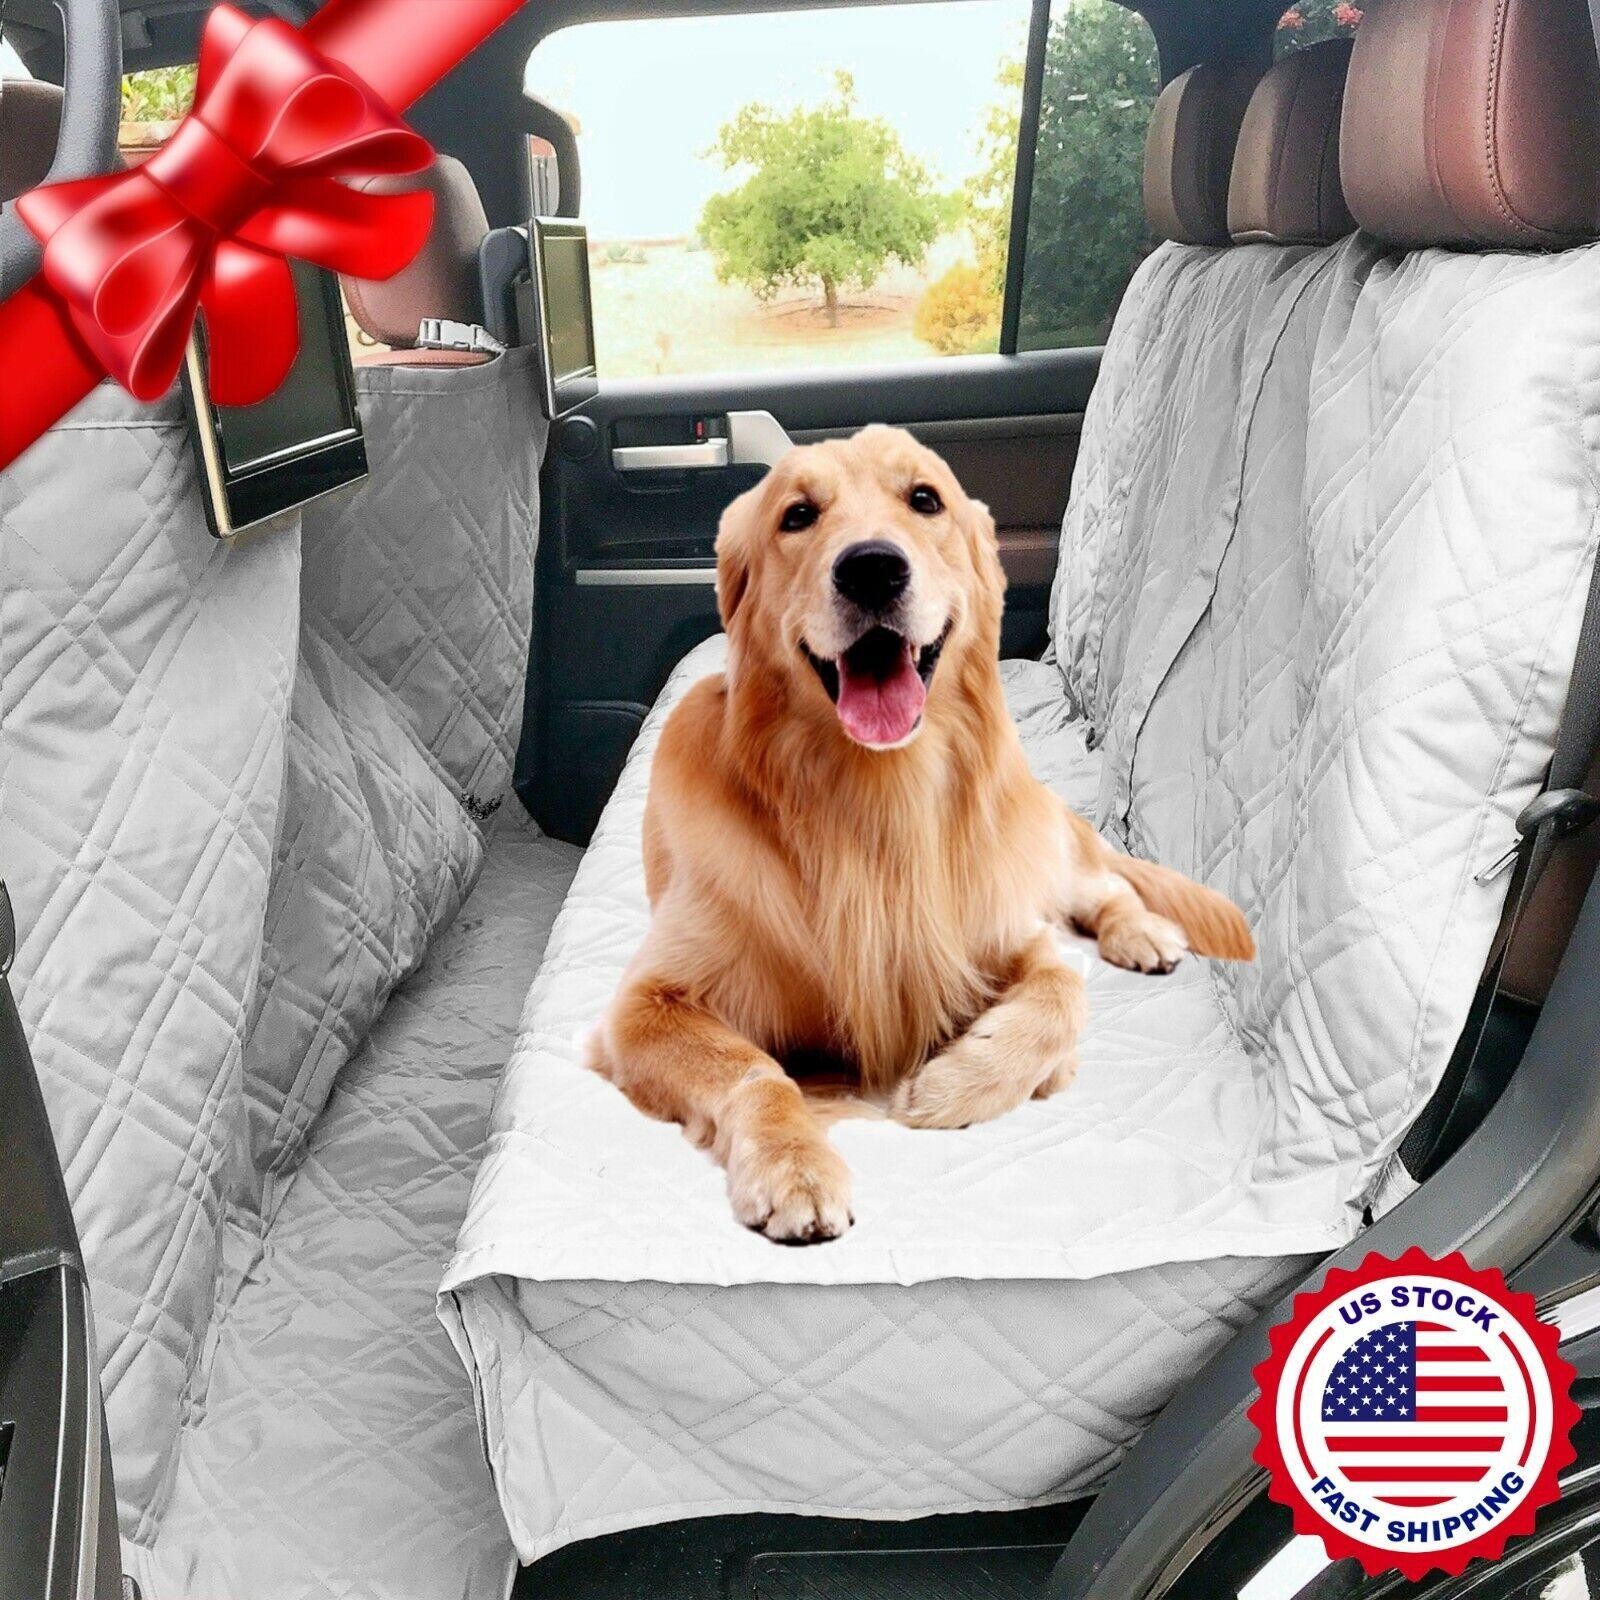 Meilleure qualit/é Housse De Si/ège Dauto Pour Chiens Option Hamac Petastical Luxe Pet Dog Seat Cover For Cars Mat/ériau Solide Antid/érapant Imperm/éable